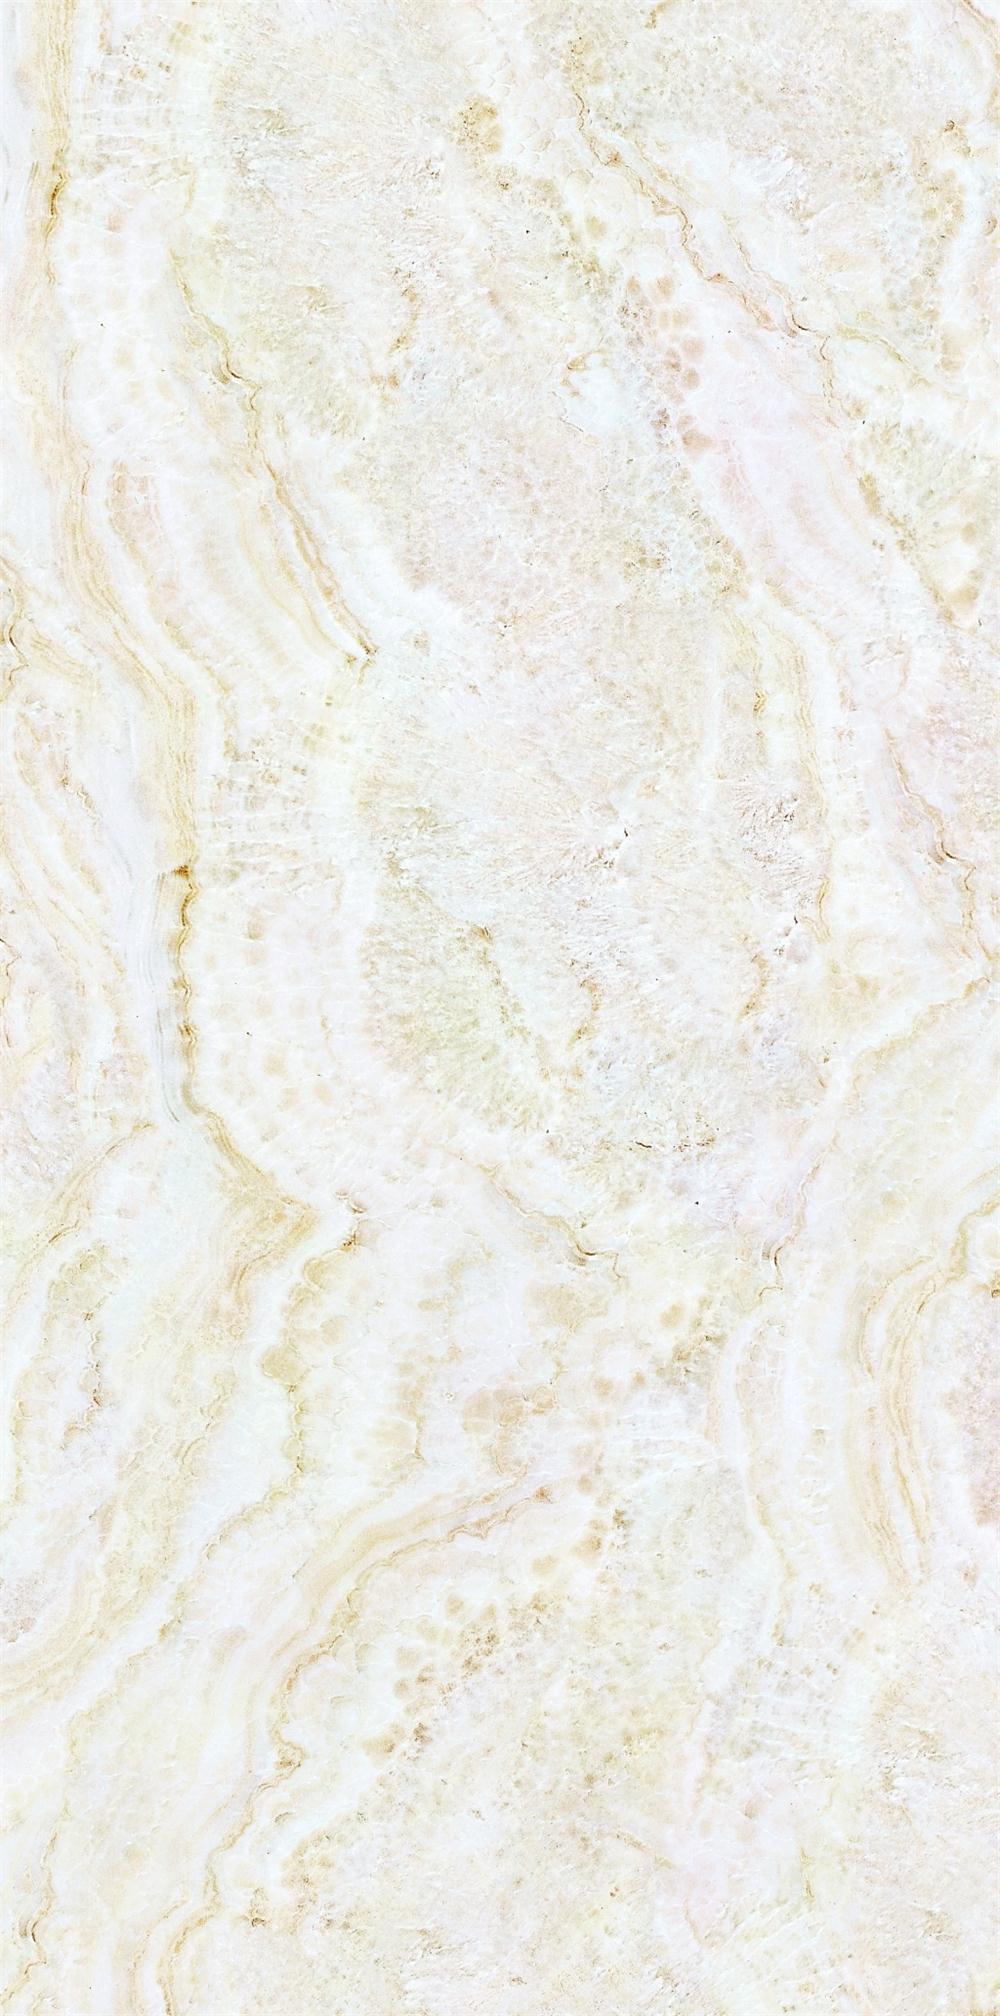 黄龙岩PNU26001(1200mmX600mm)